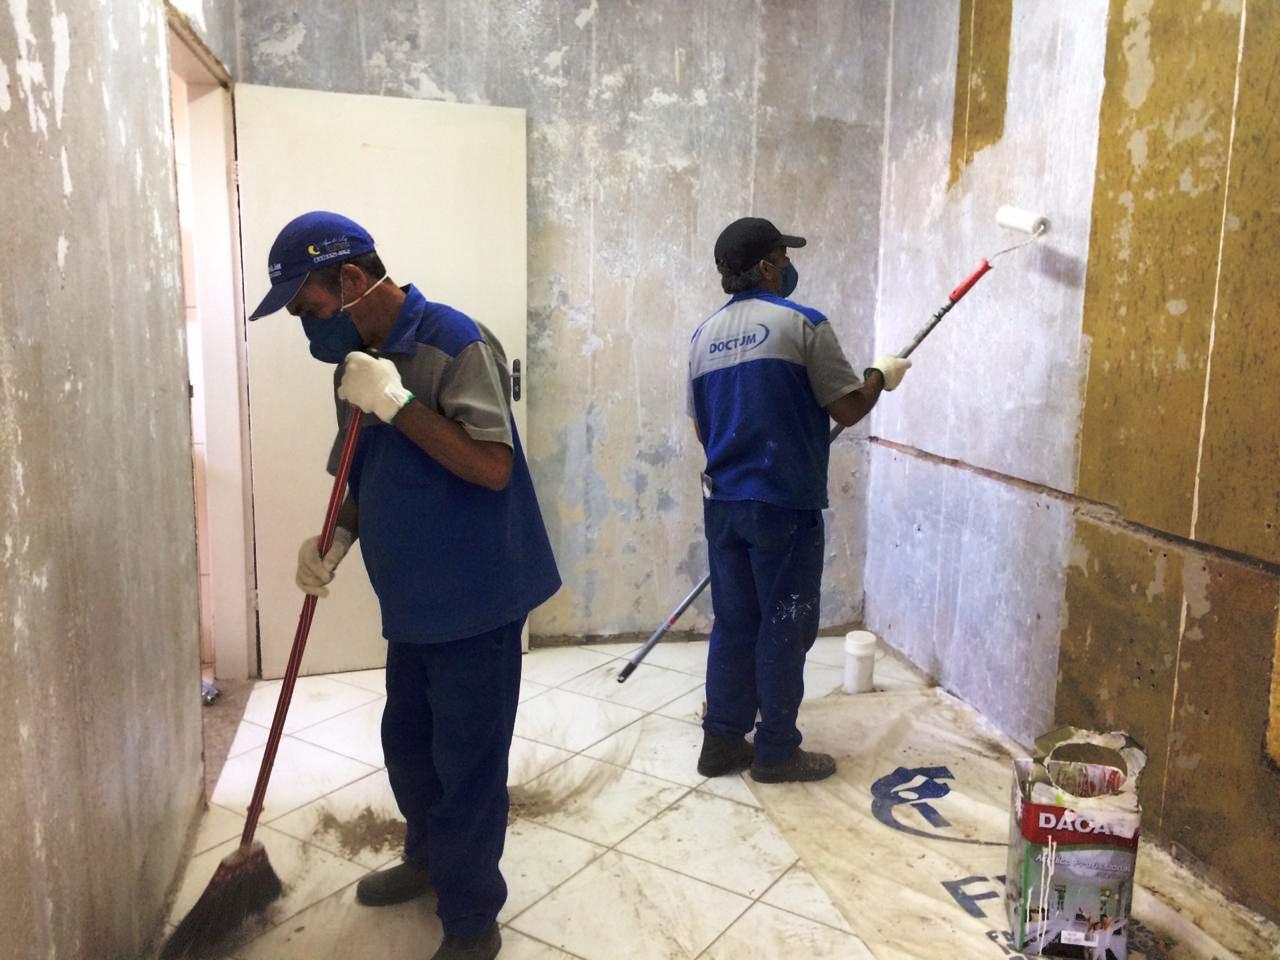 Doctum reforma duas salas do Hospital de Caratinga